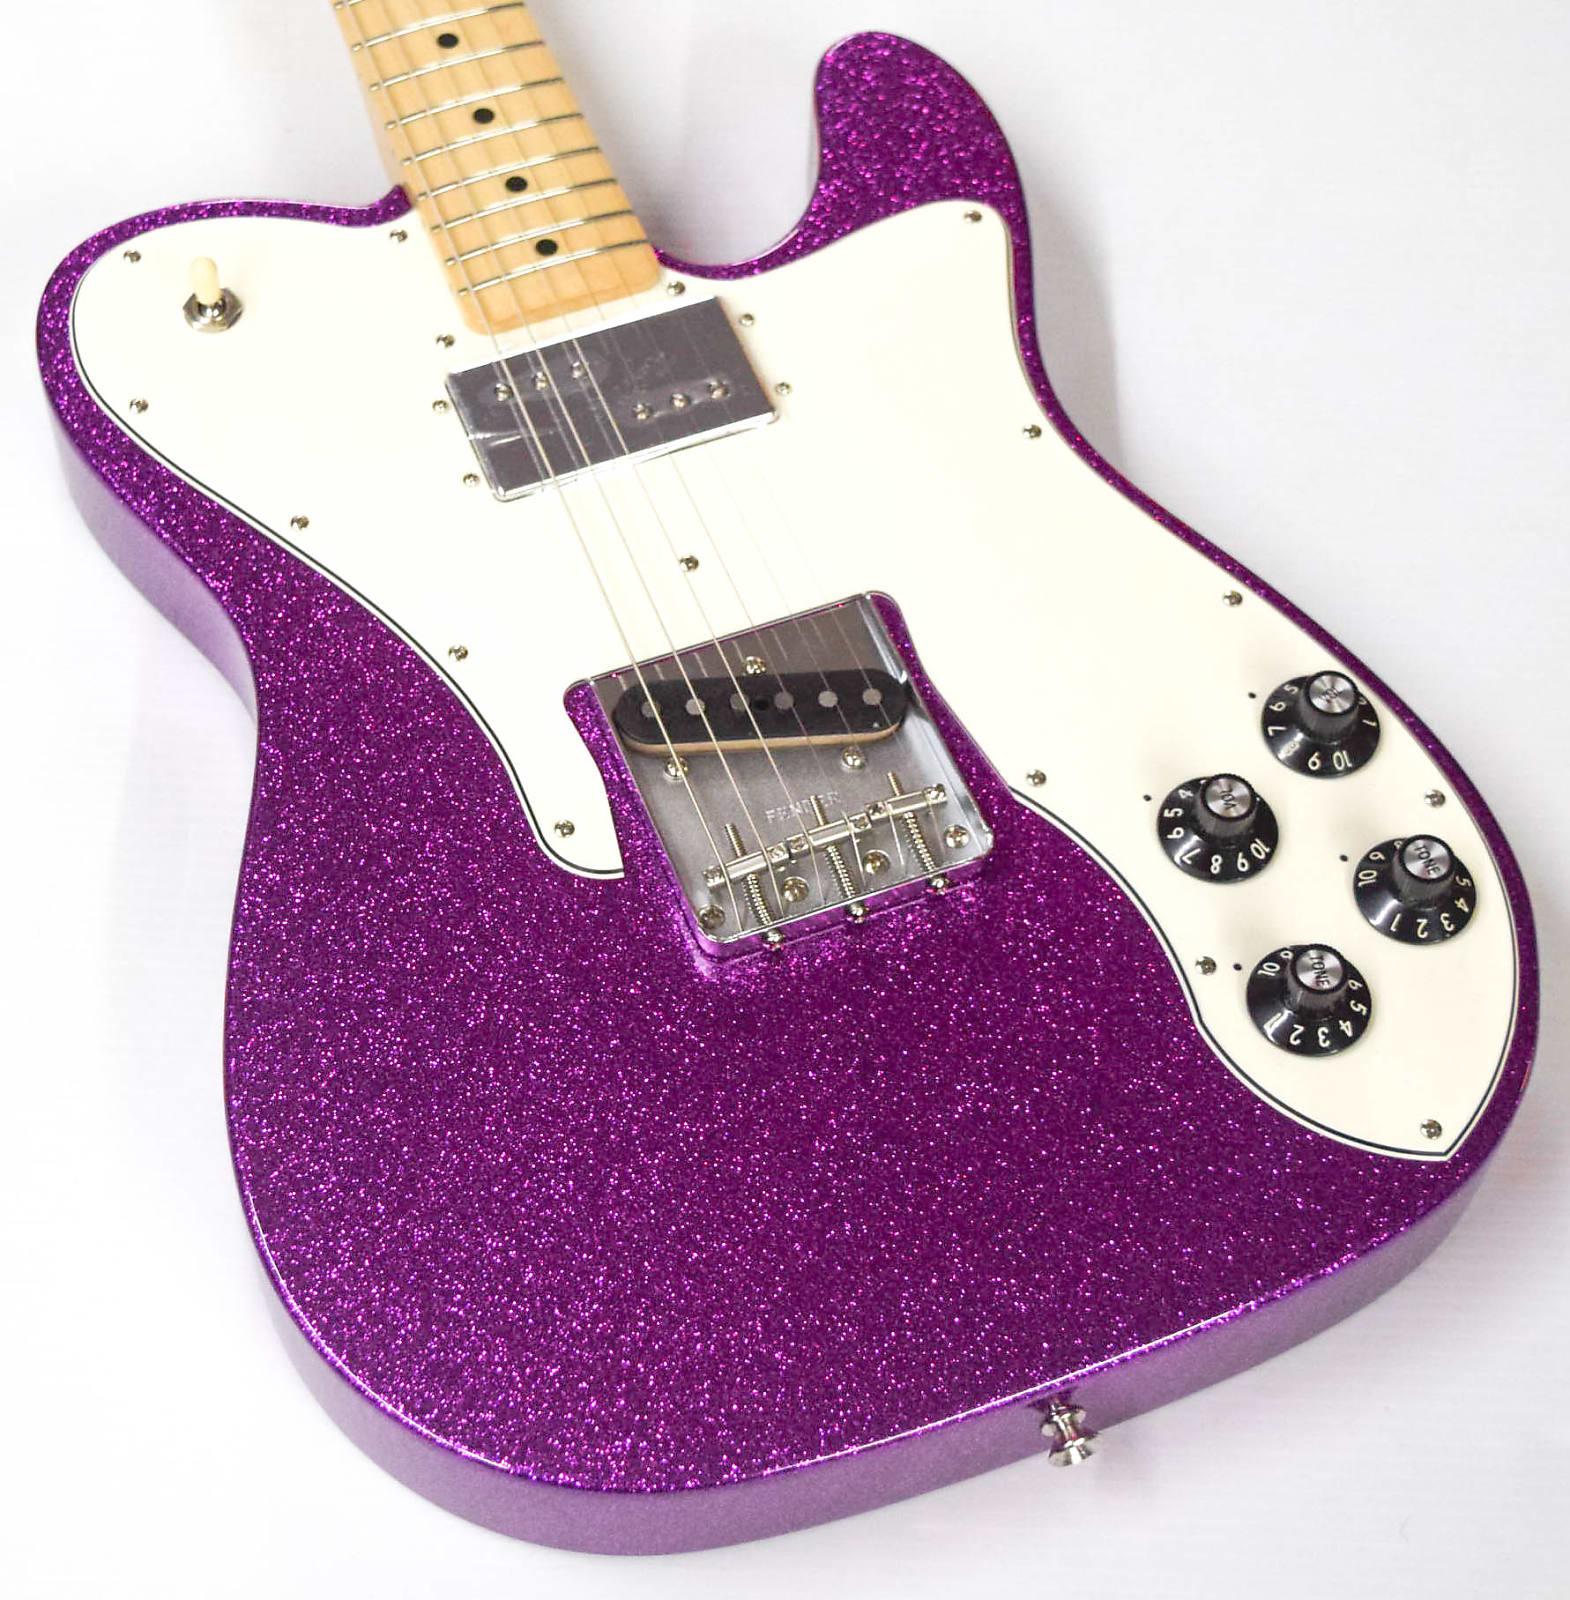 fender limited edition 39 72 telecaster custom 2018 purple sparkle. Black Bedroom Furniture Sets. Home Design Ideas